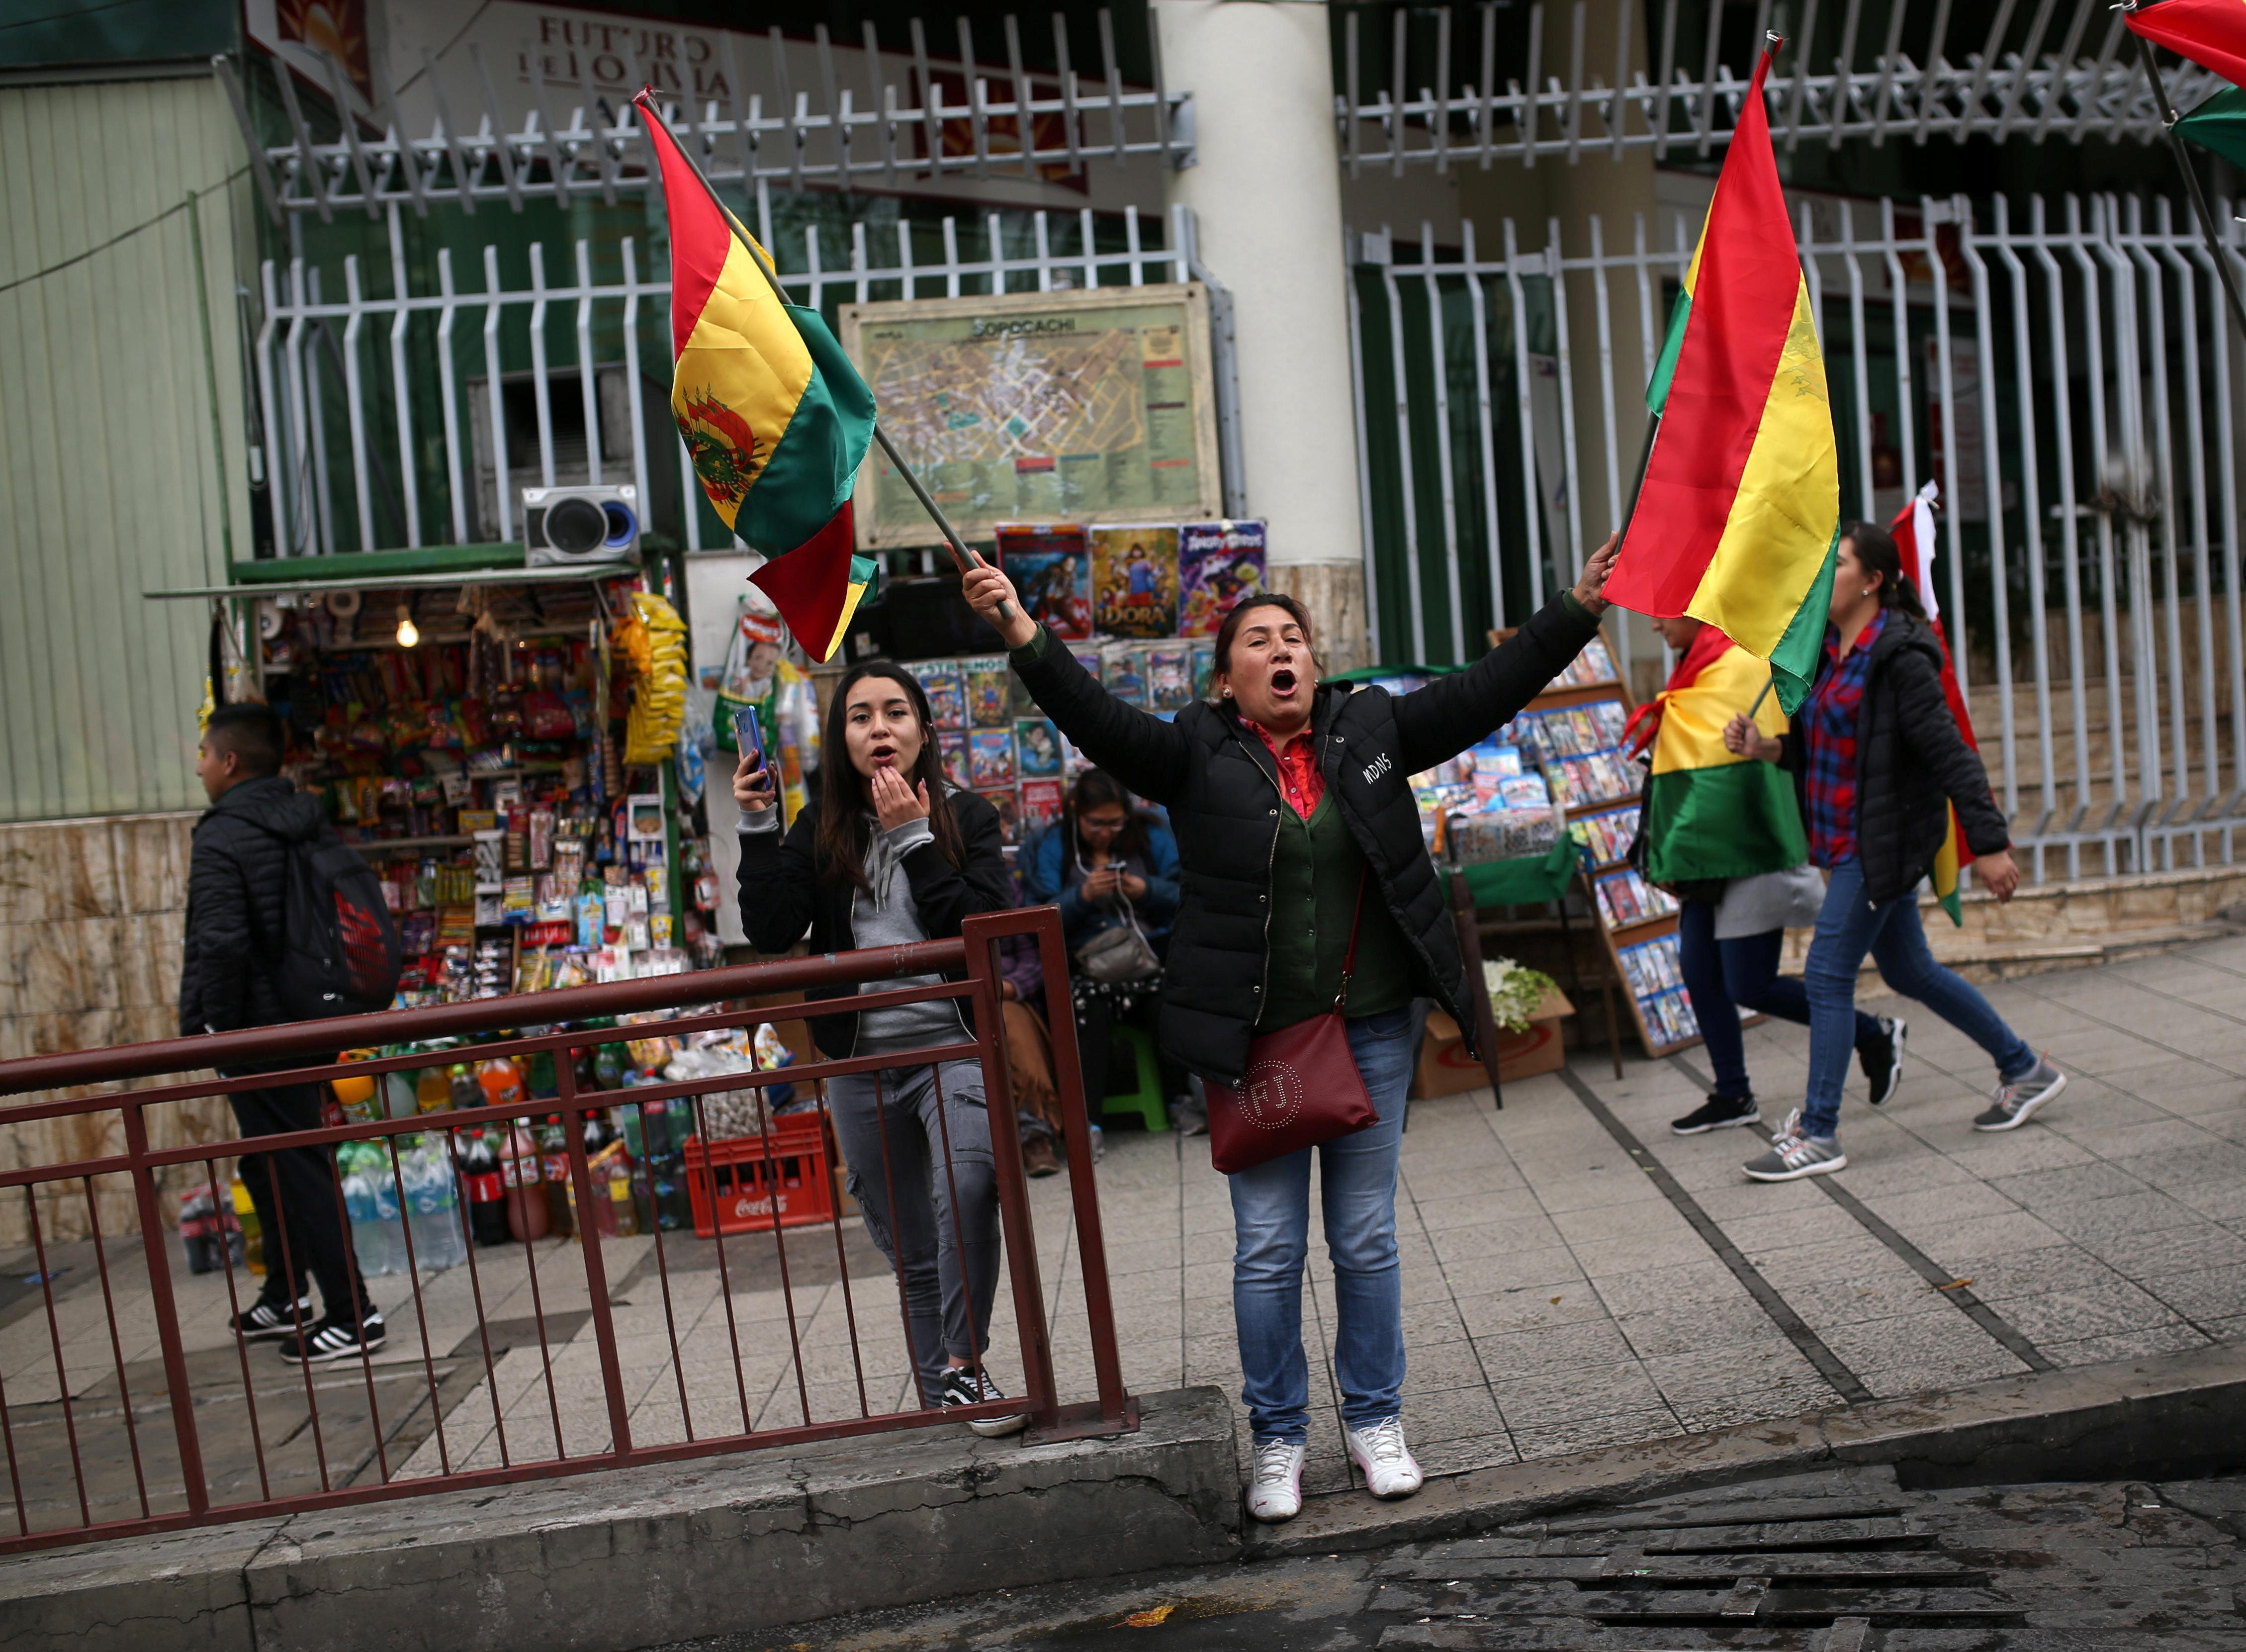 Las protestas se desataron después de las elecciones presidenciales del 20 de octubre en la que Morales obtuvo su cuarto mandato tras un polémico conteo de votos. La oposición consideró fraudulentos estos comicios